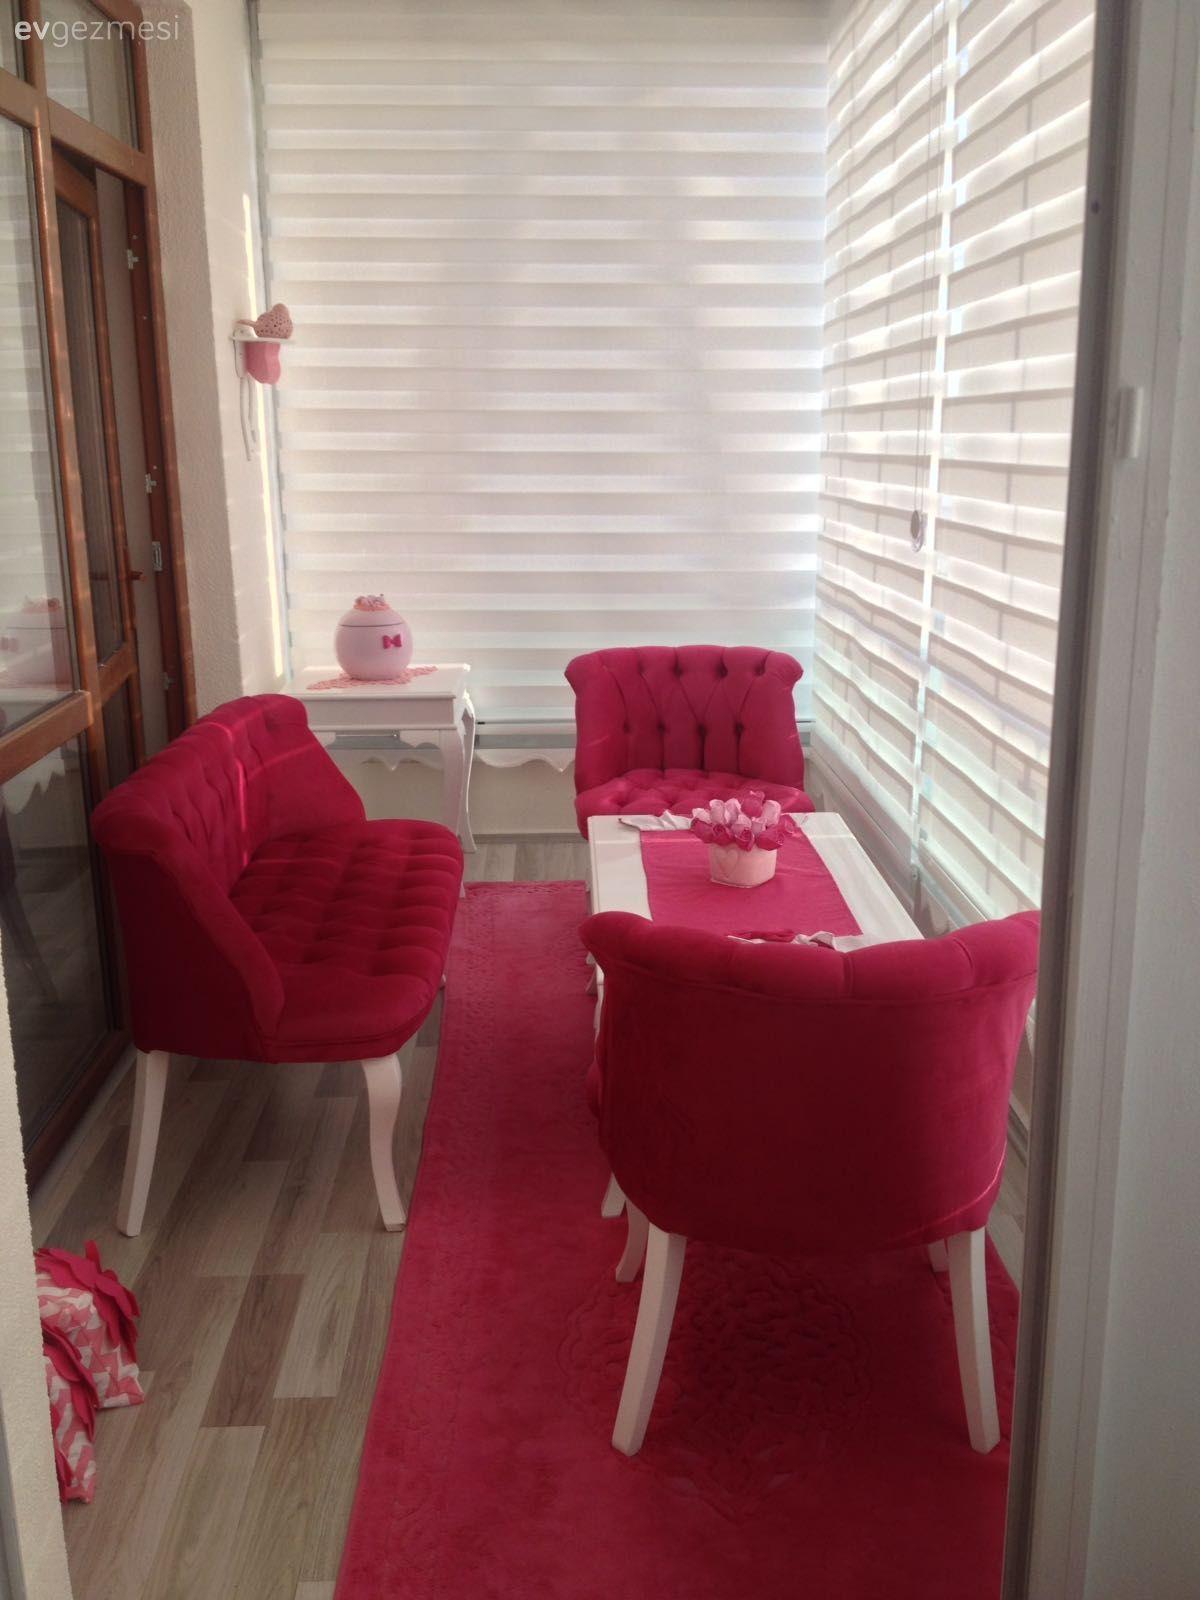 Cay Takimi Fusya Balkon Zebra Perde Uzun Balkon Pembe Balkon Oturma Grubu Kapali Balkon Cay Takimi Fu Home Design Decor Evler Oturma Odasi Tasarimlari